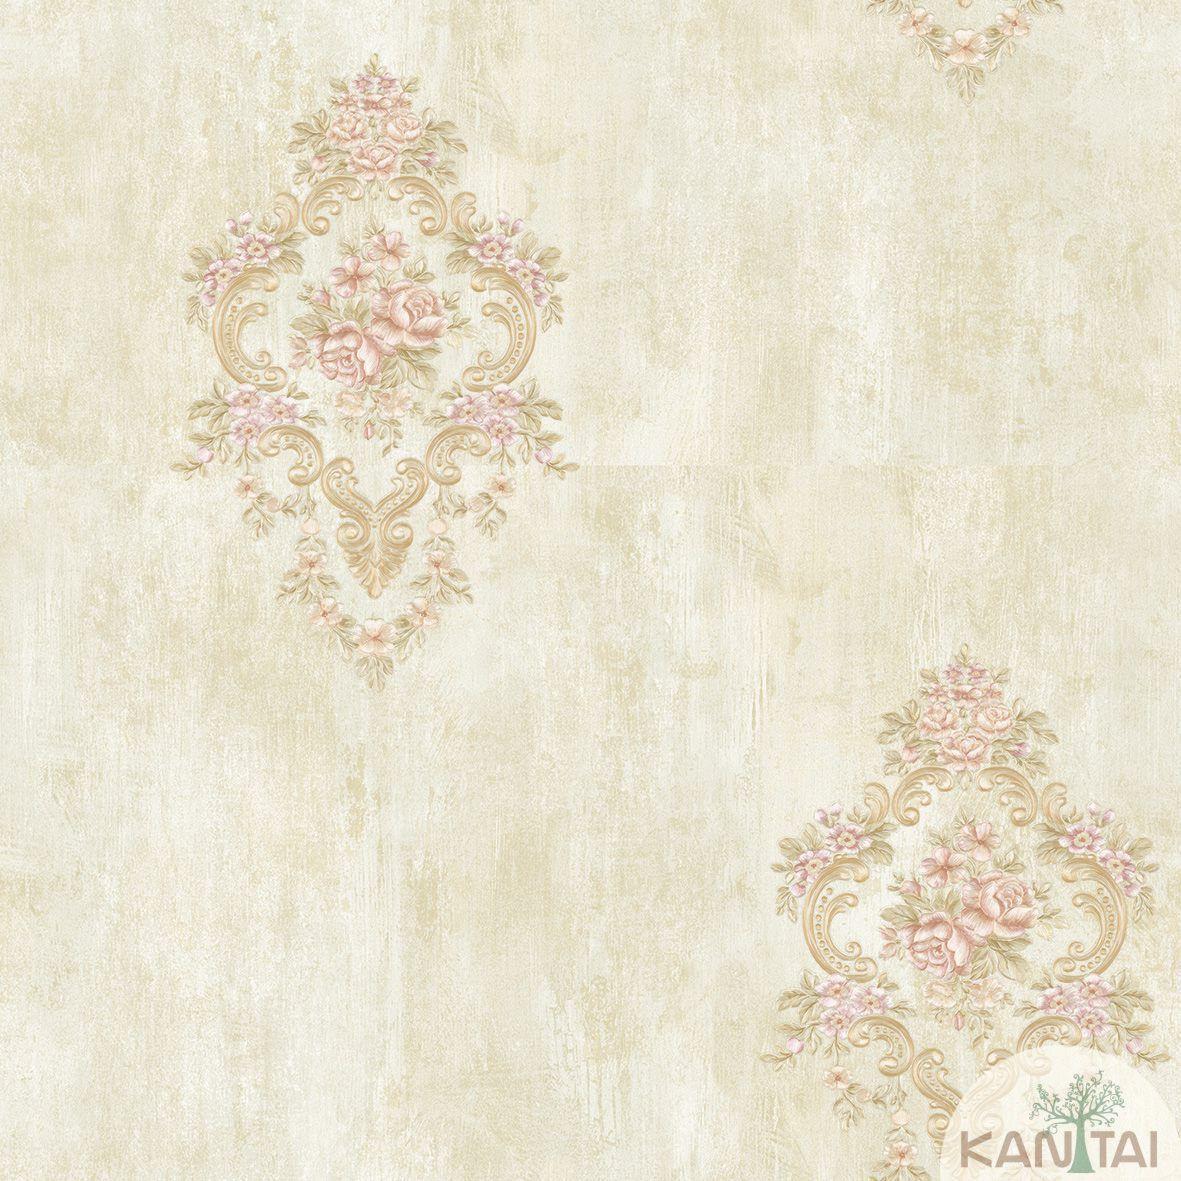 Papel de Parede Kan Tai TNT Coleção Flora 2 Floral Creme, Dourado, Lilás, Dourado, Baixo relevo